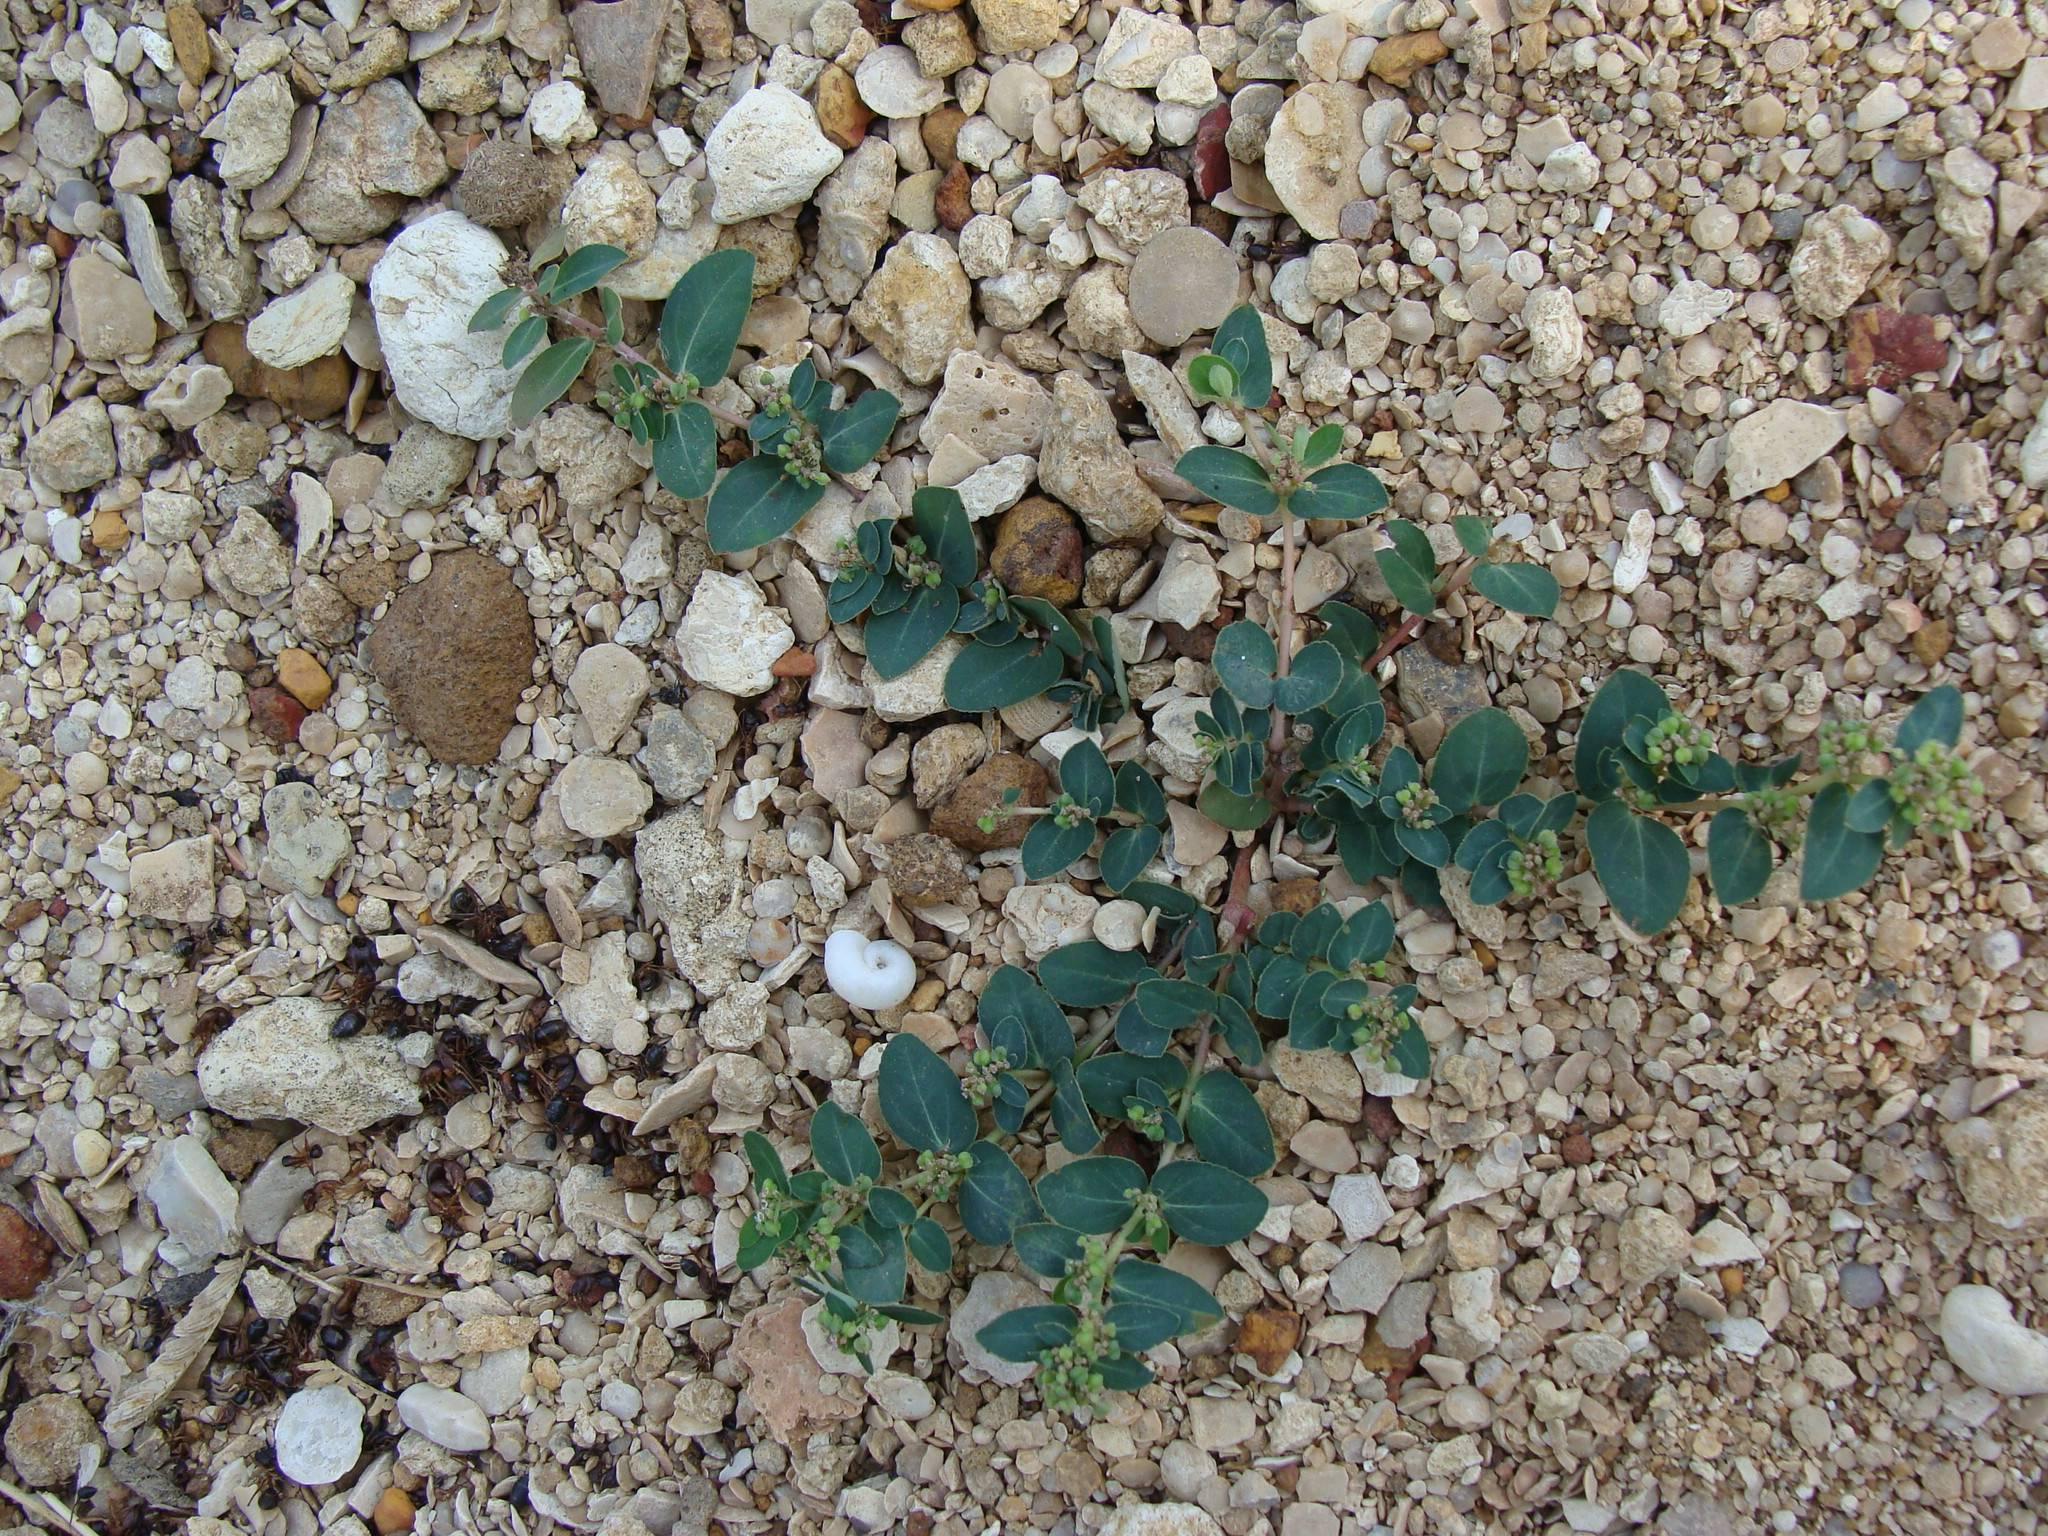 /wp-content/uploads/2020/10/Kachchh_Gujarat_Euphorbiaceae%20species%202.jpg